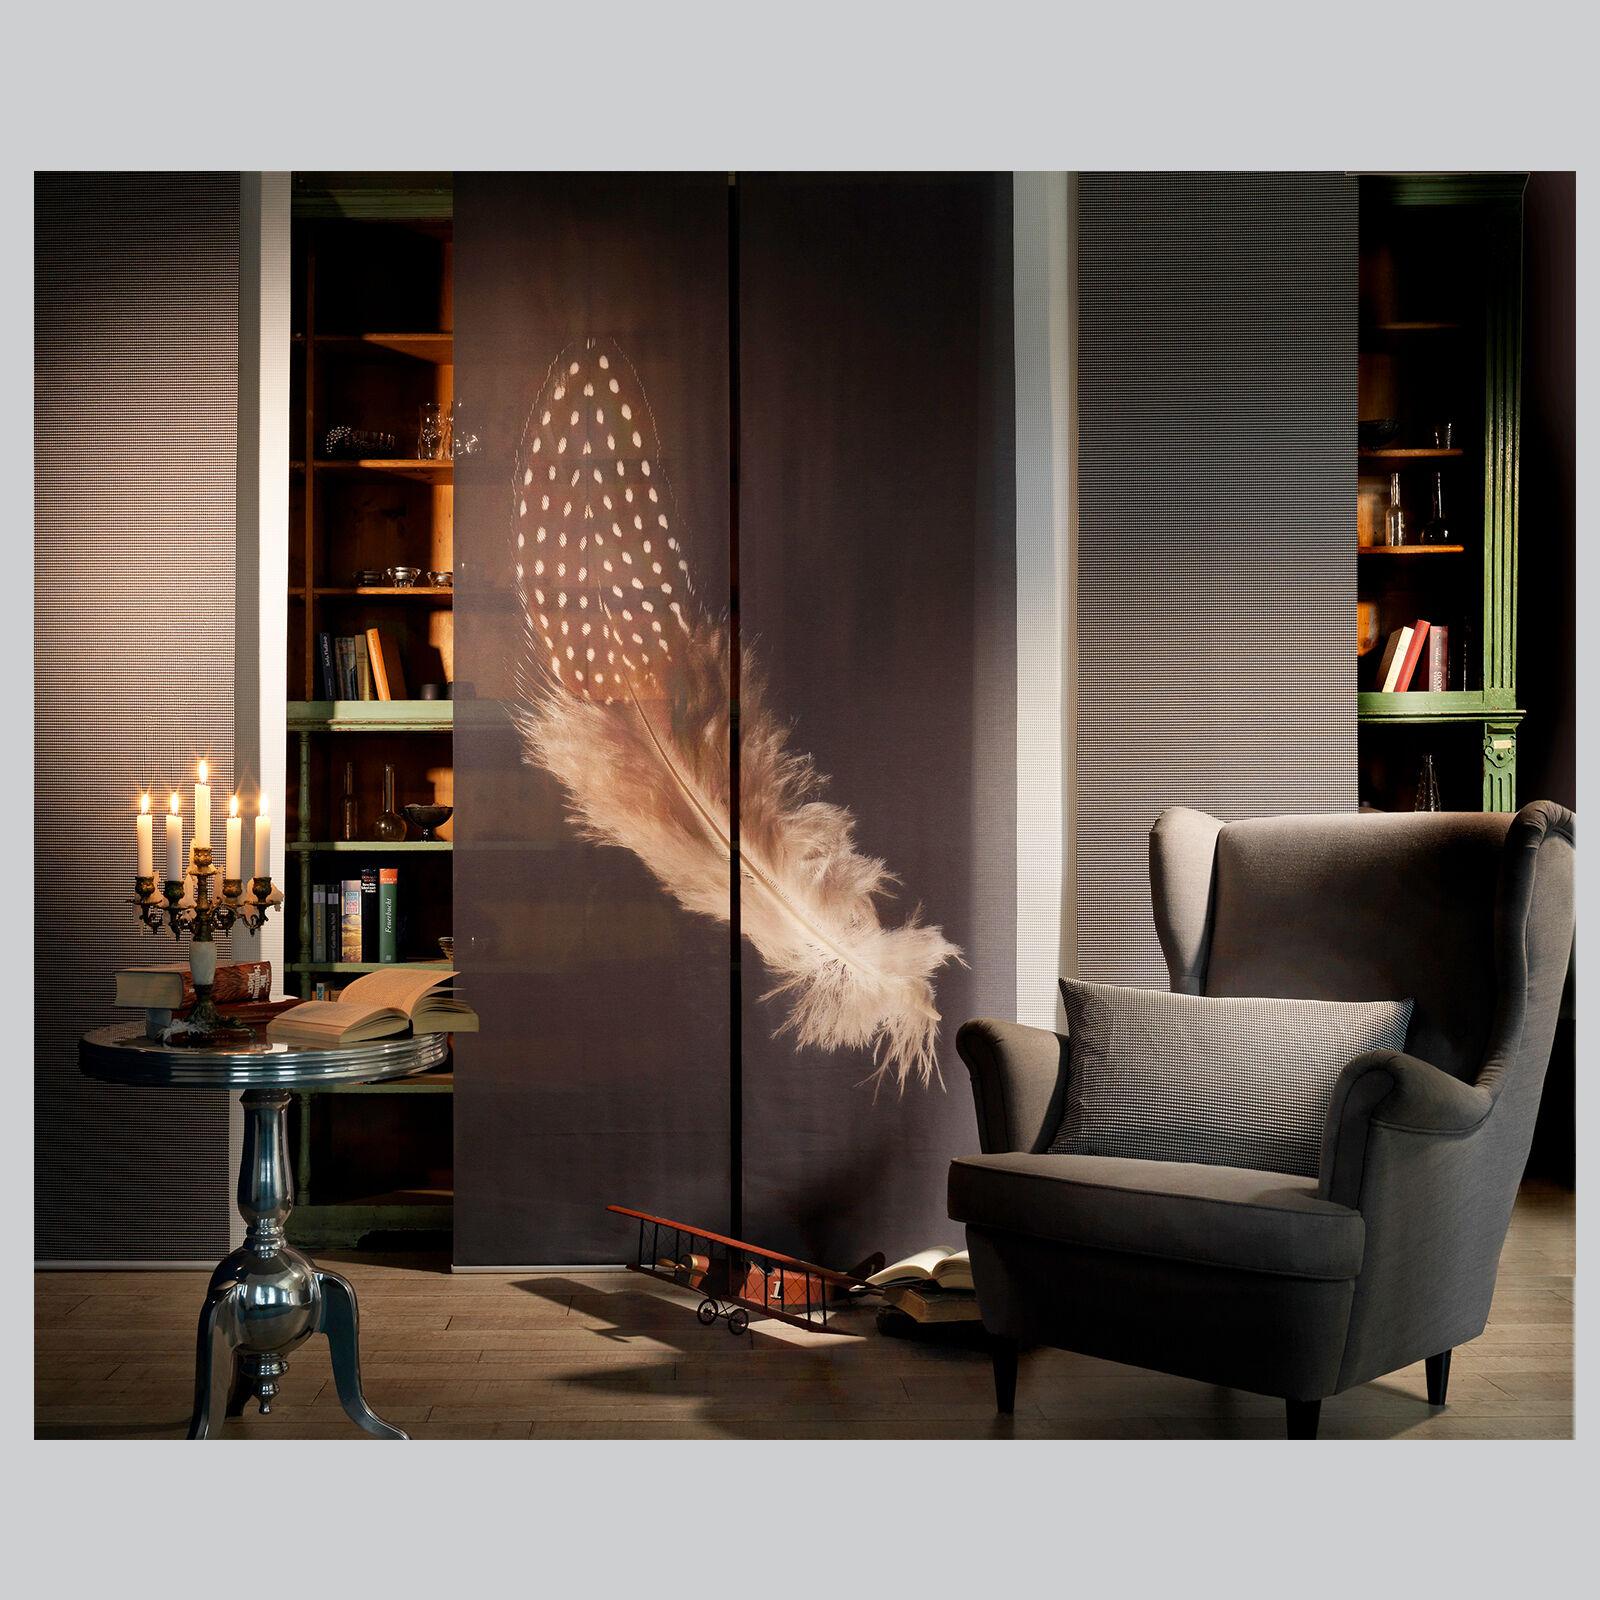 feder foto schiebevorhang raumteiler paneele. Black Bedroom Furniture Sets. Home Design Ideas